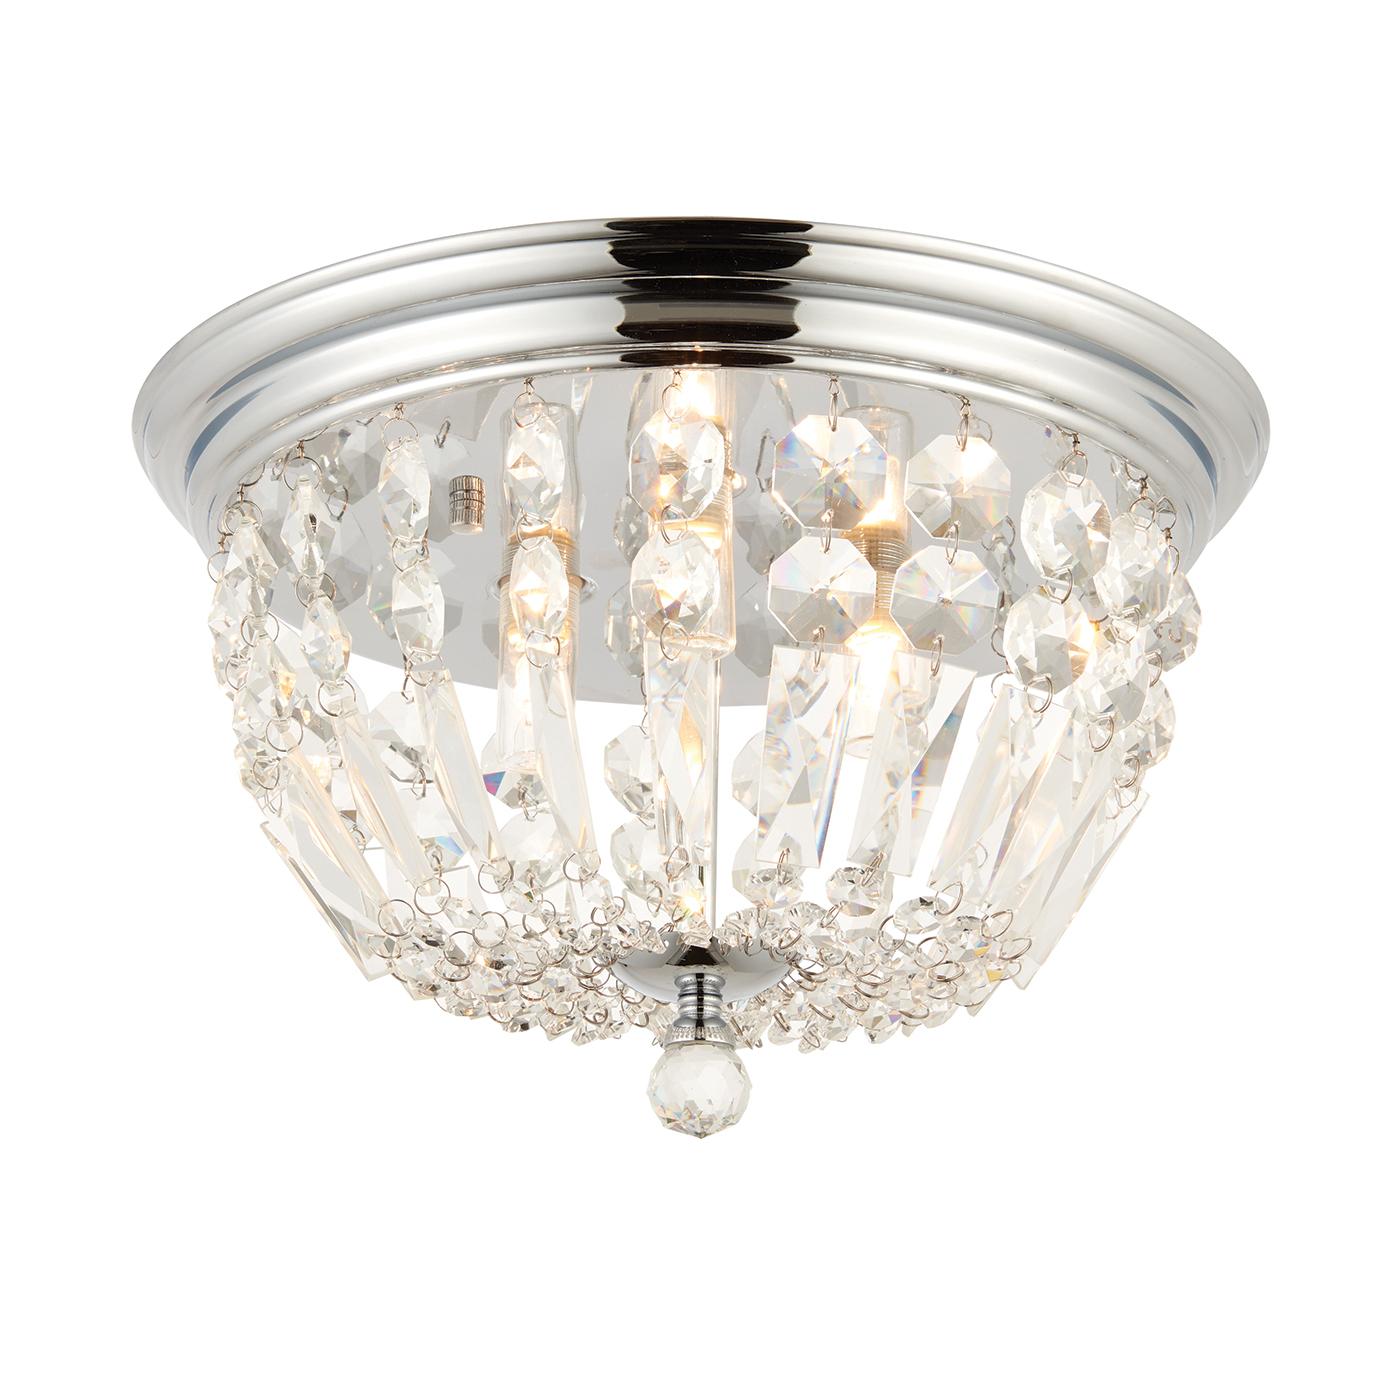 Endon 68814 Thorpe Bathroom Light 3x18W